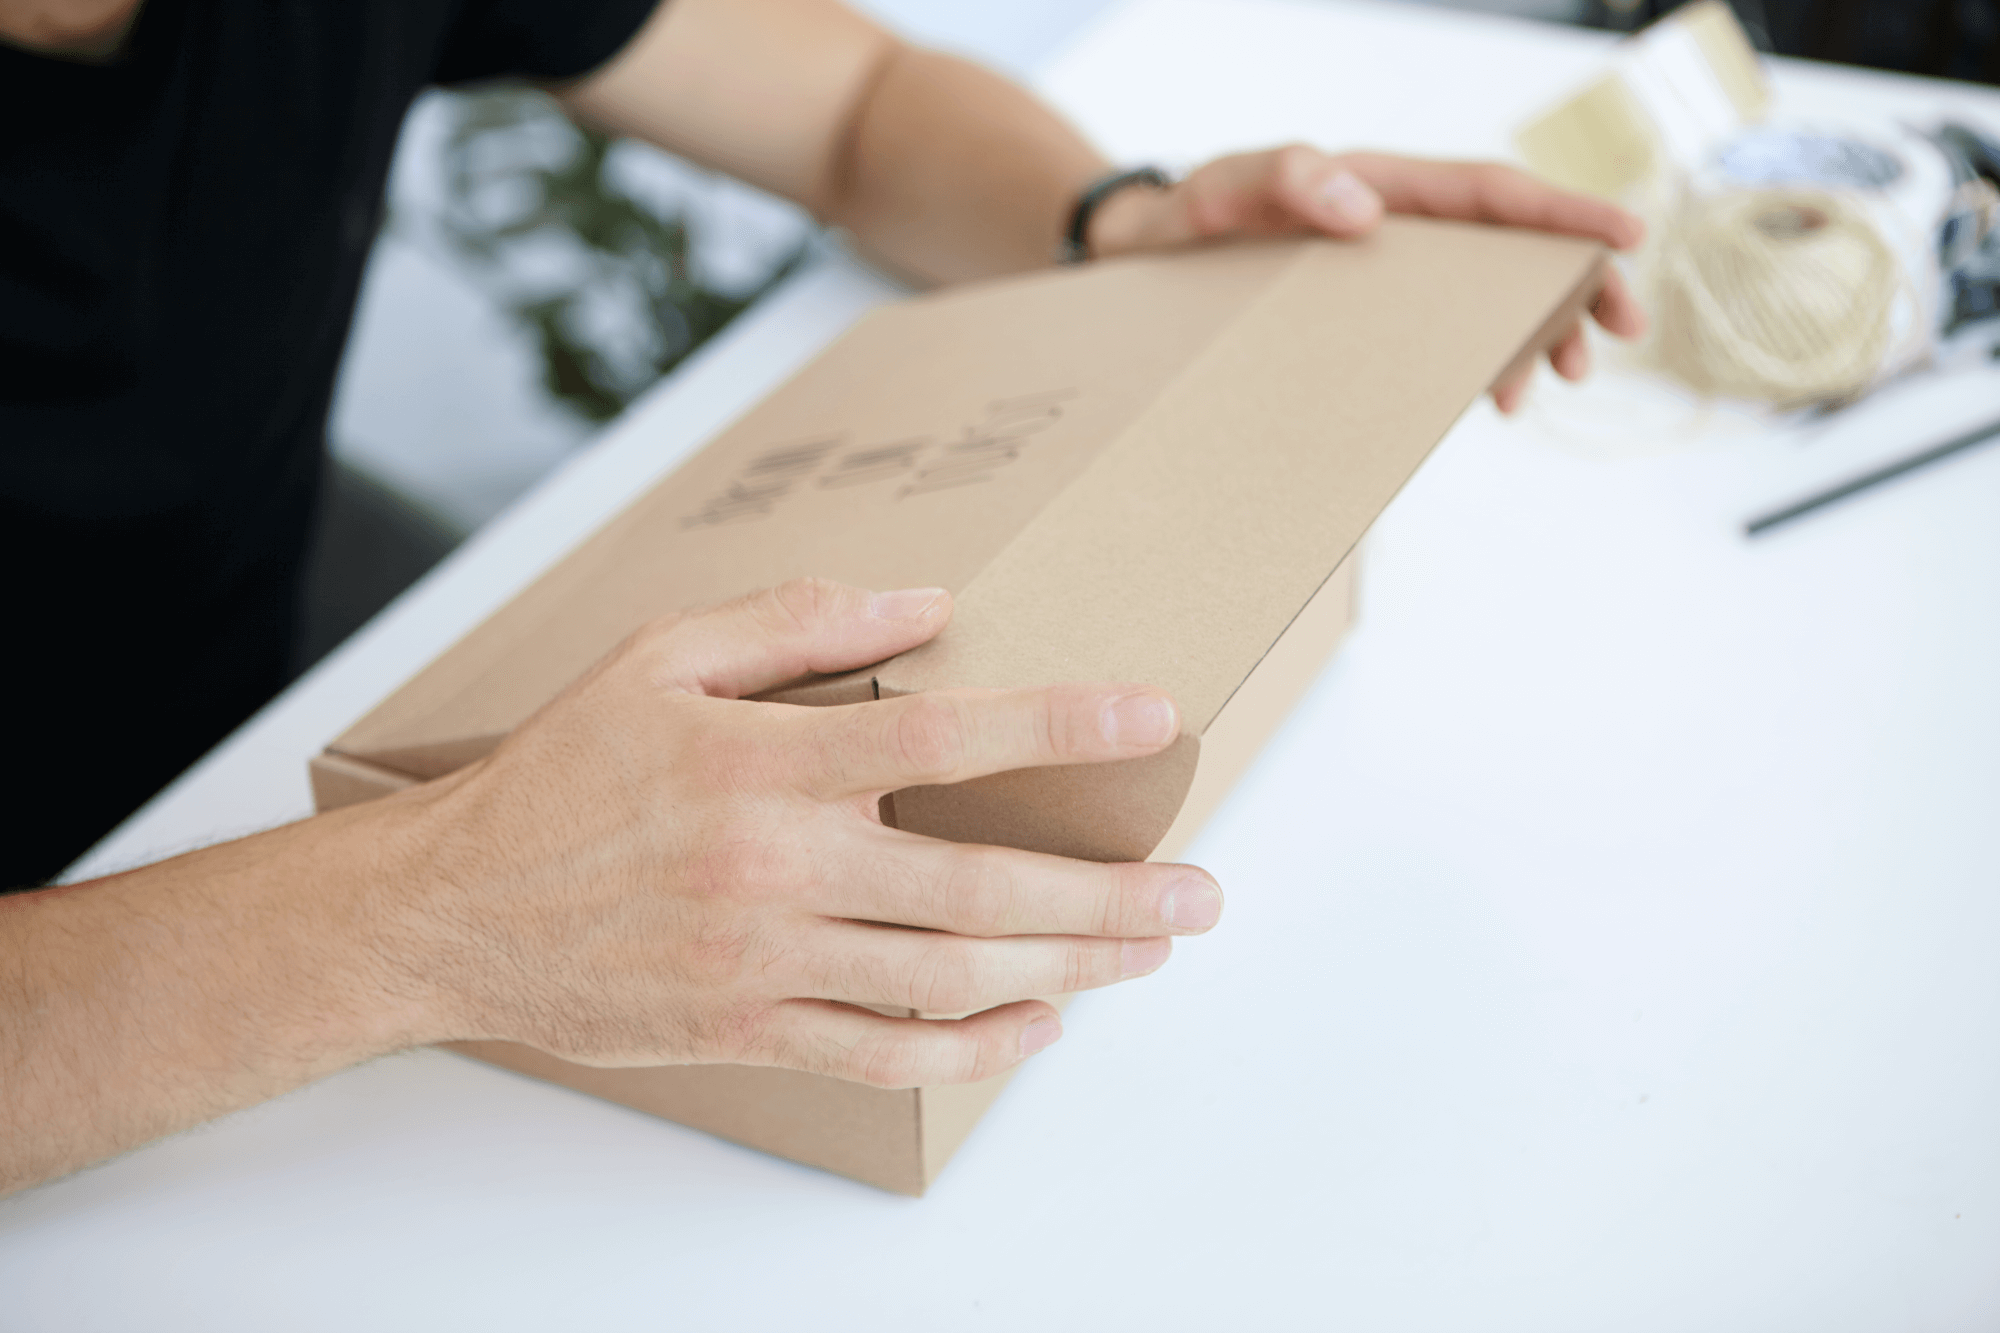 Imballaggio in cartone ecologico